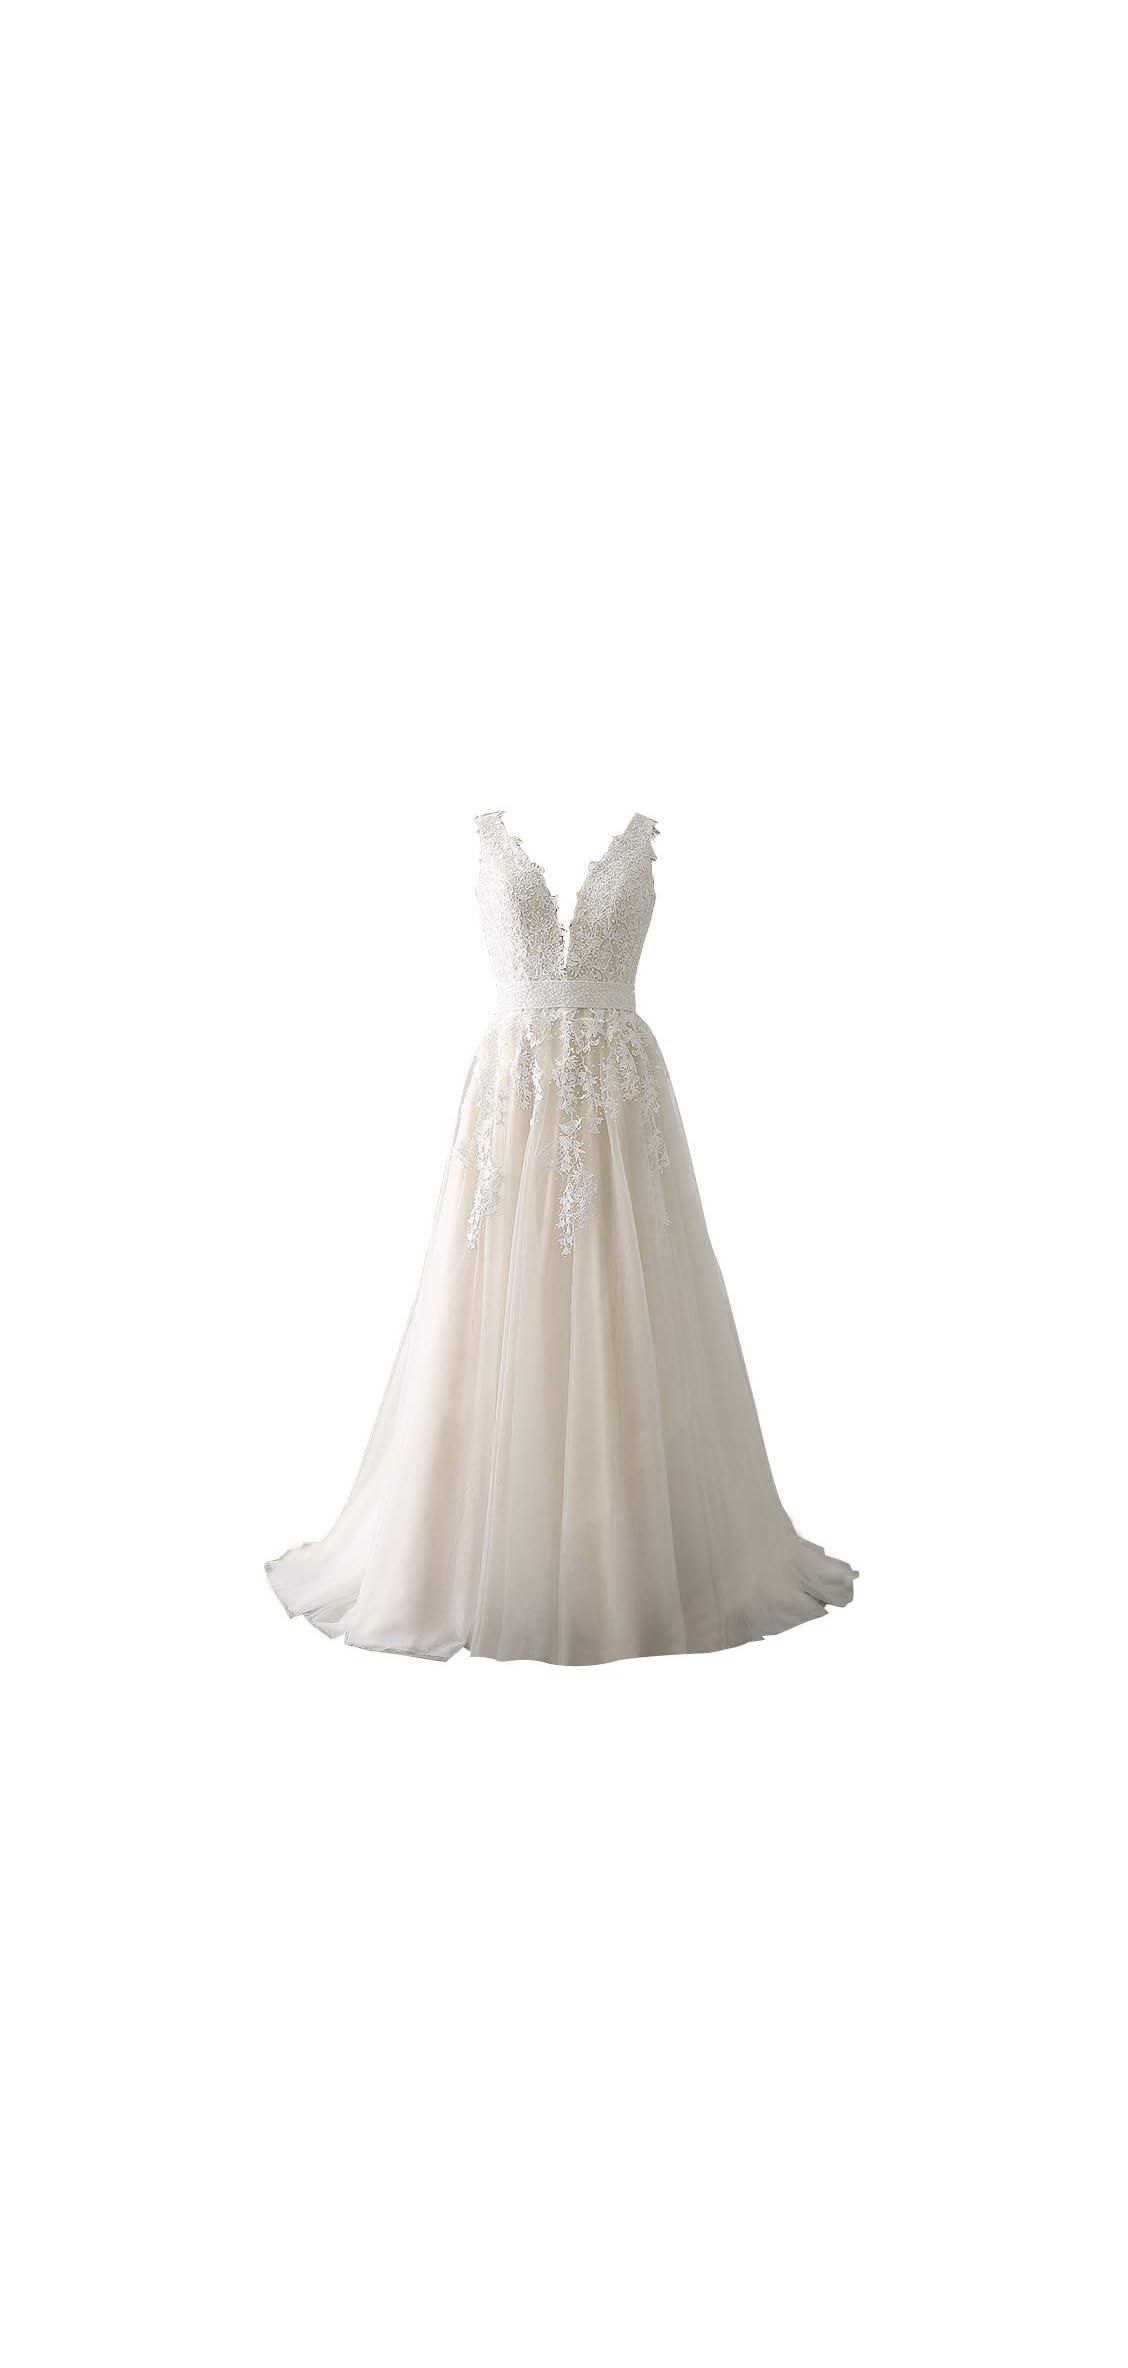 Women's Wedding Dress For Bride Lace Applique Dress